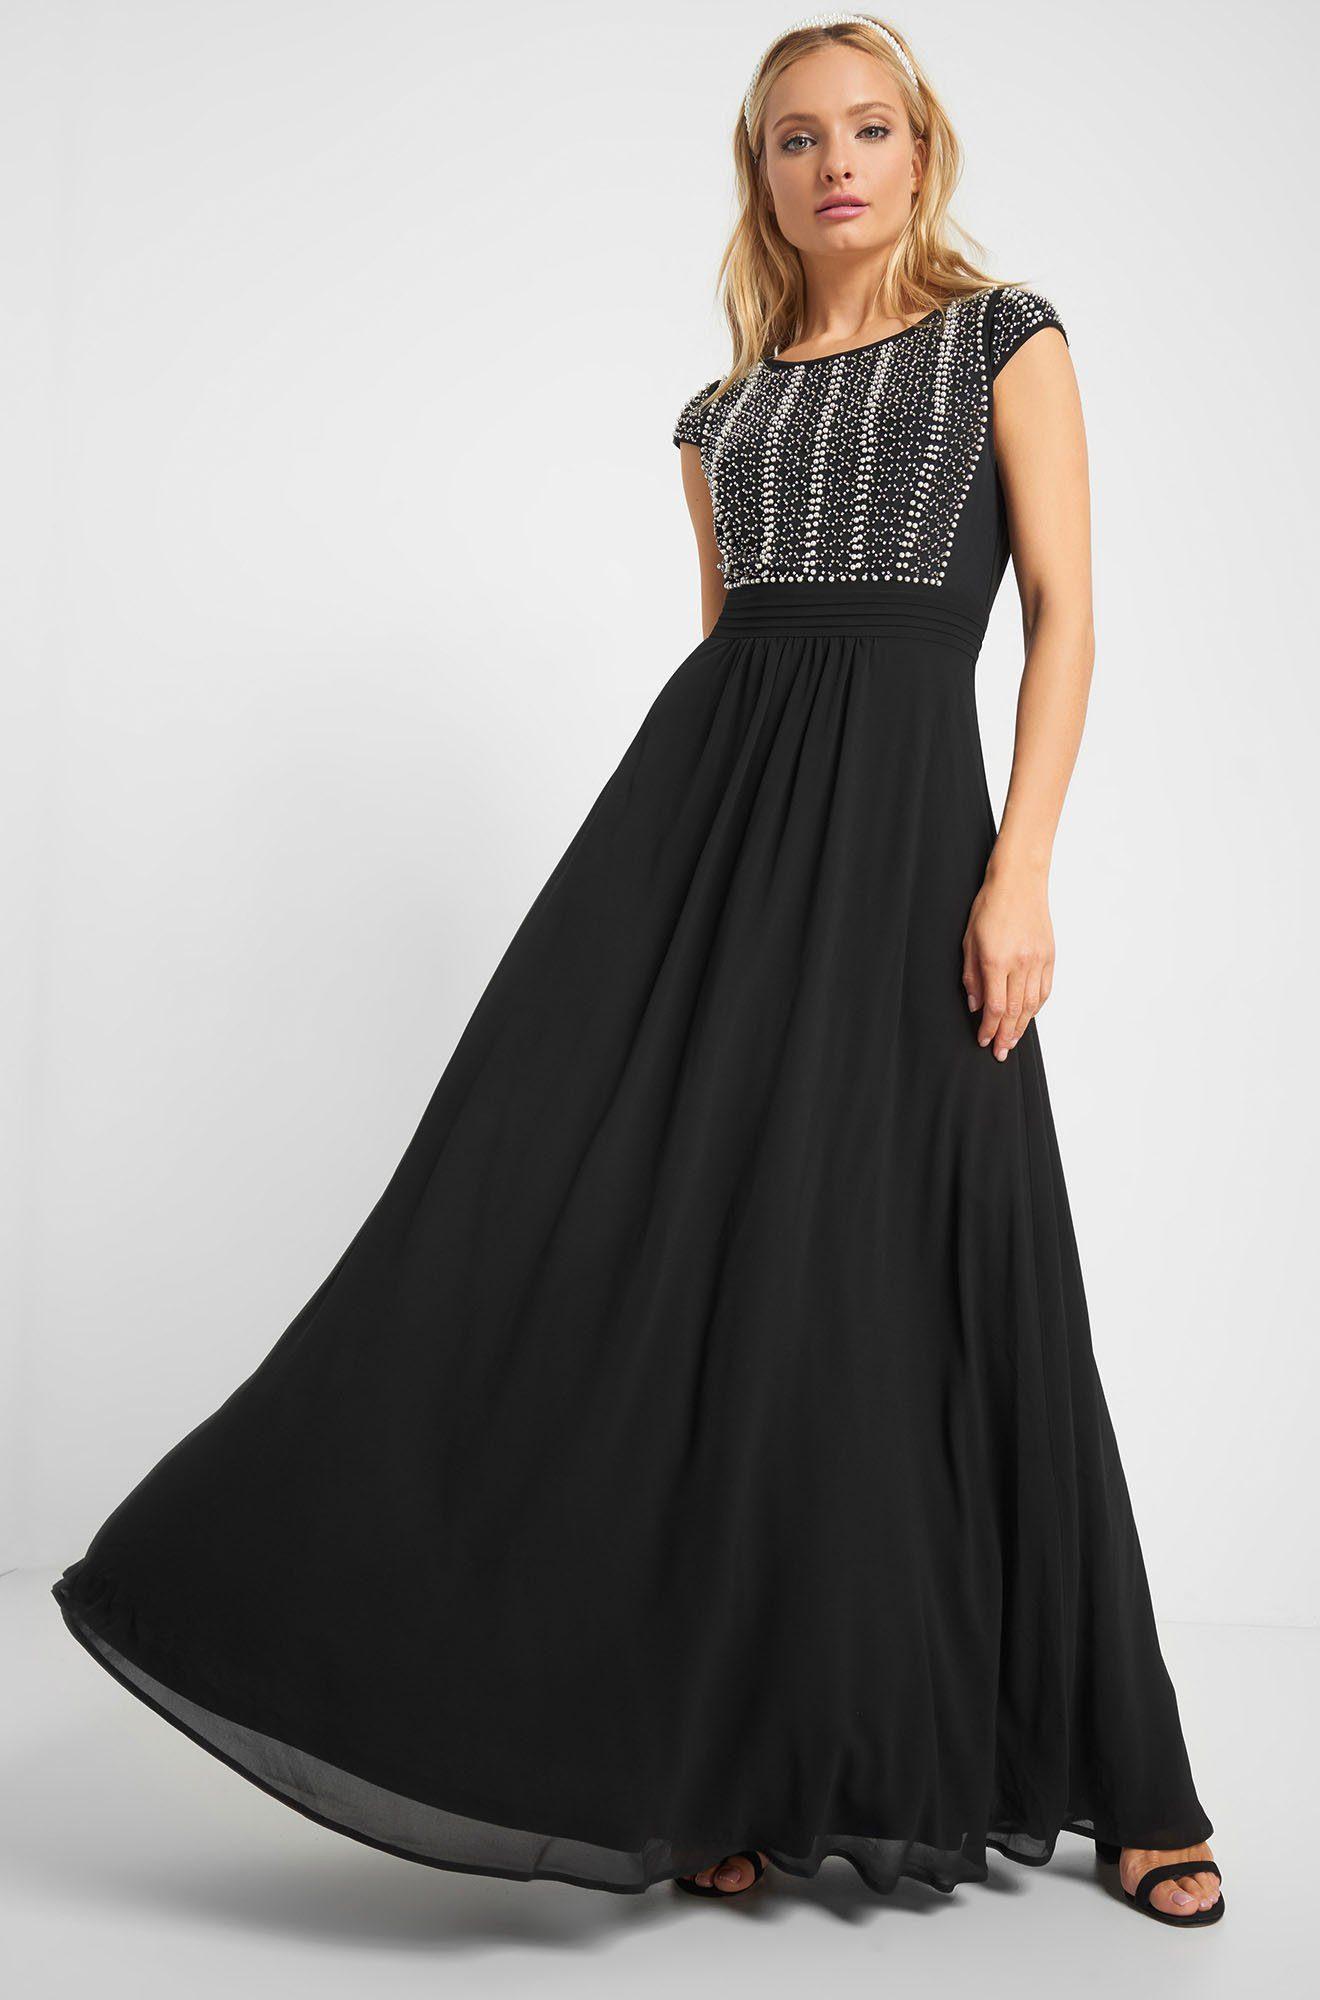 Abend Cool Orsay Abendkleid Vertrieb10 Top Orsay Abendkleid Ärmel